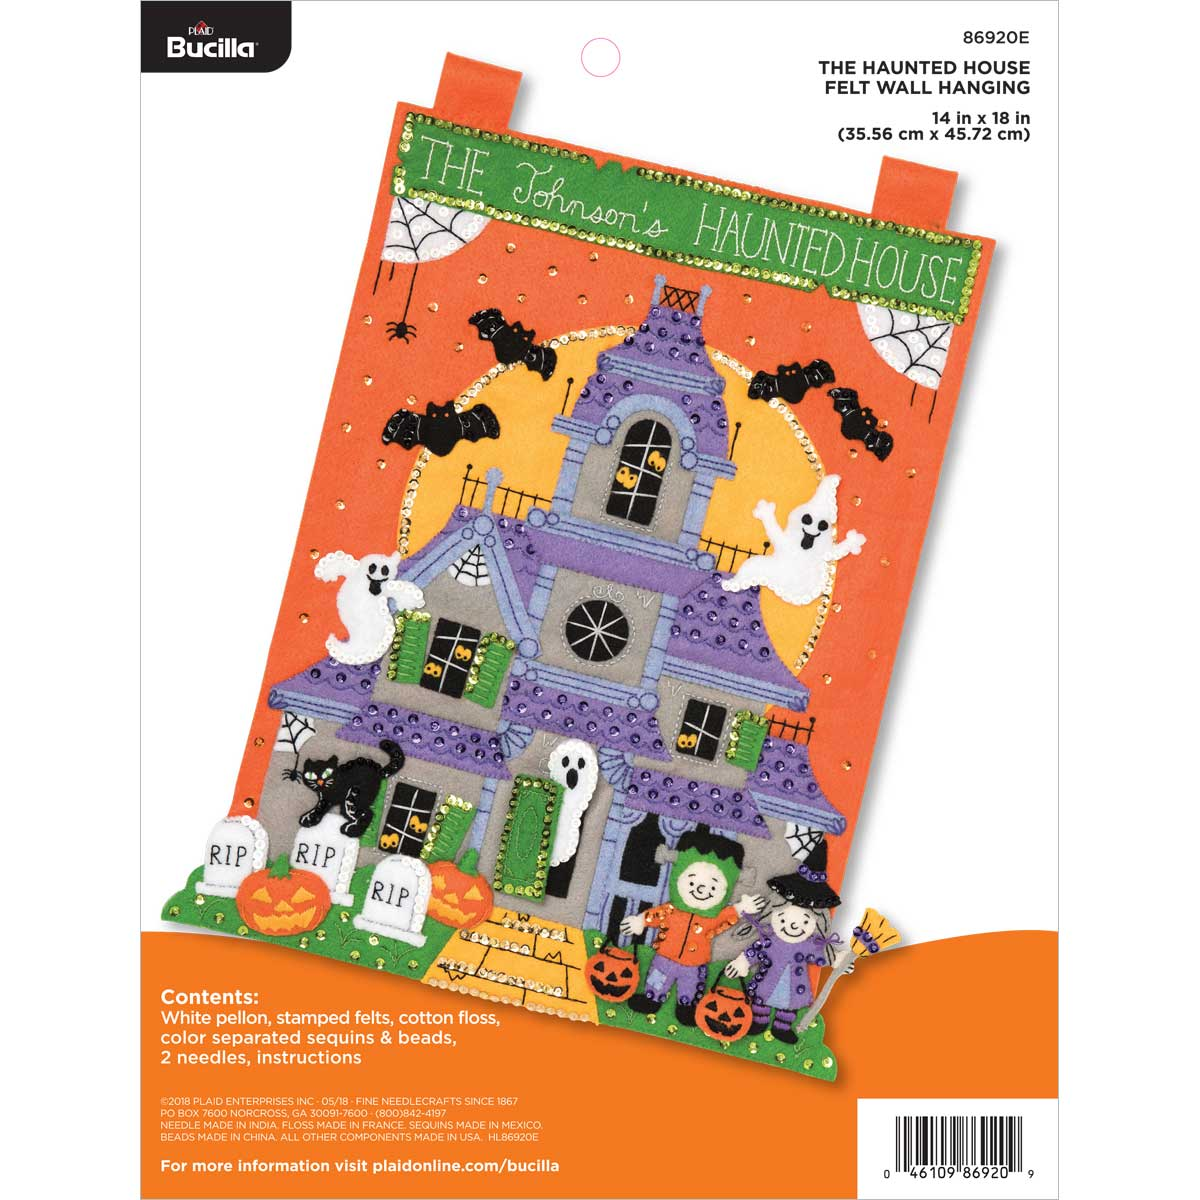 Bucilla ® Seasonal - Felt - Home Decor - Door/Wall Hanging Kits - The Haunted House